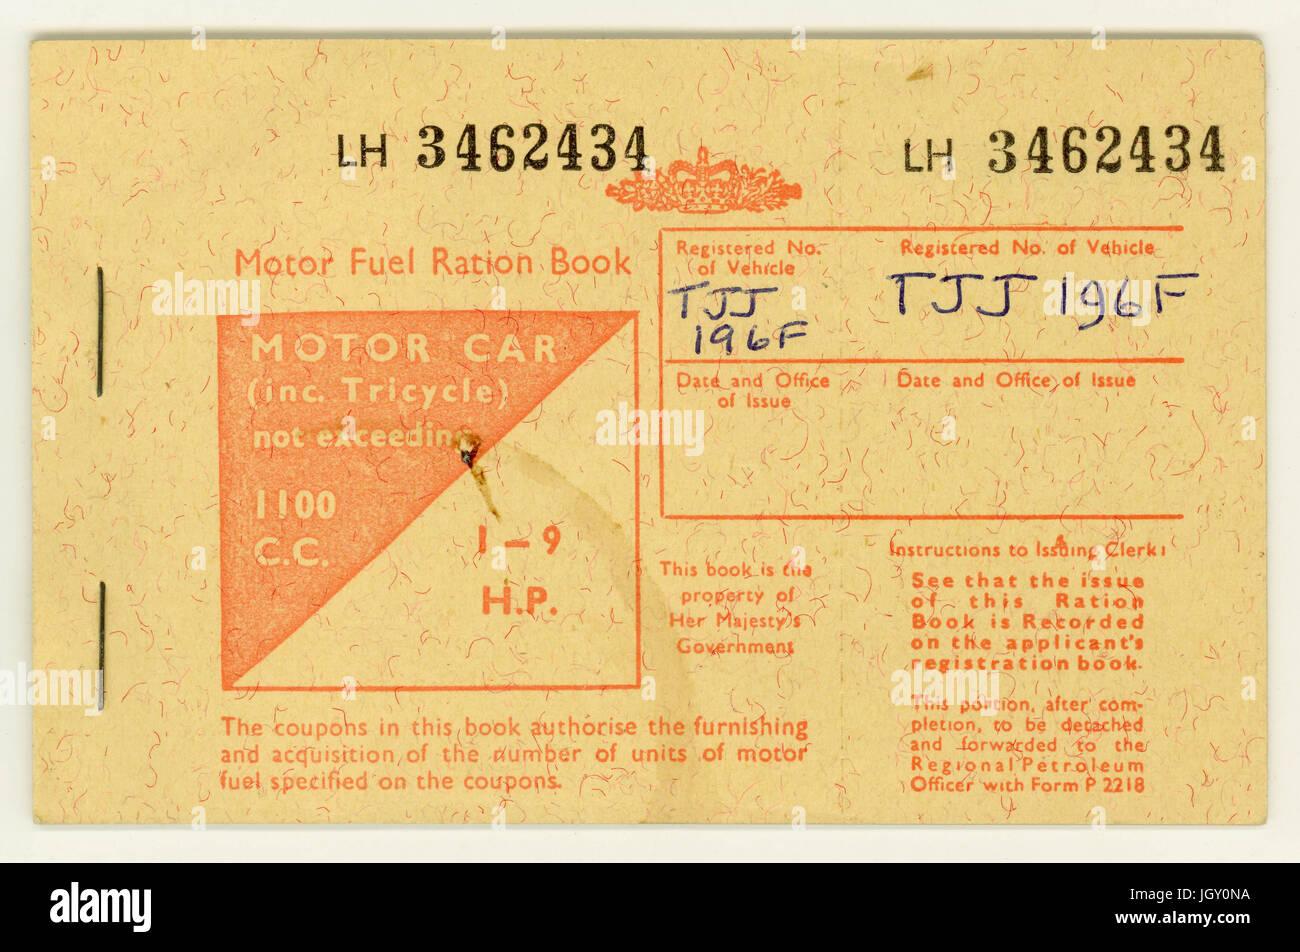 British Motor Kraftstoff Ration Buch, für ein Auto 1100 c.c.1973 Stockbild